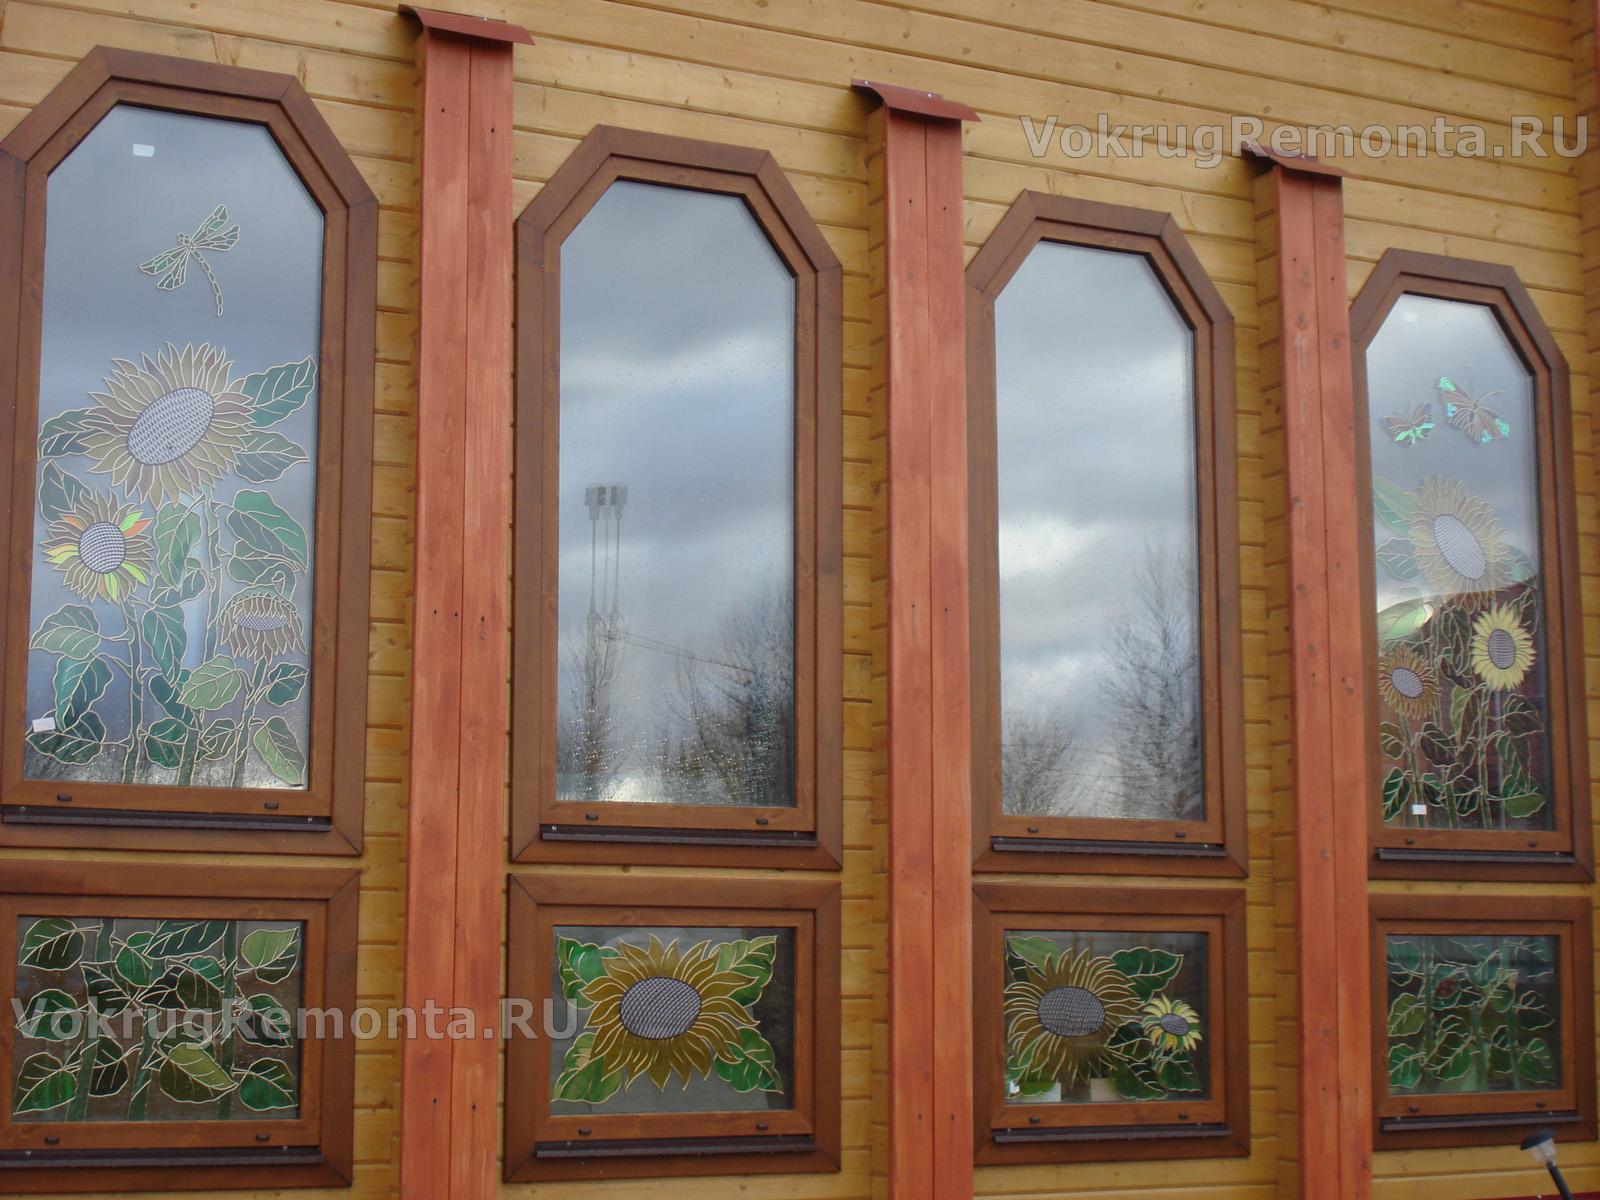 Обои лестница, Цвет, Витраж, стекло, окно. Города foto 17